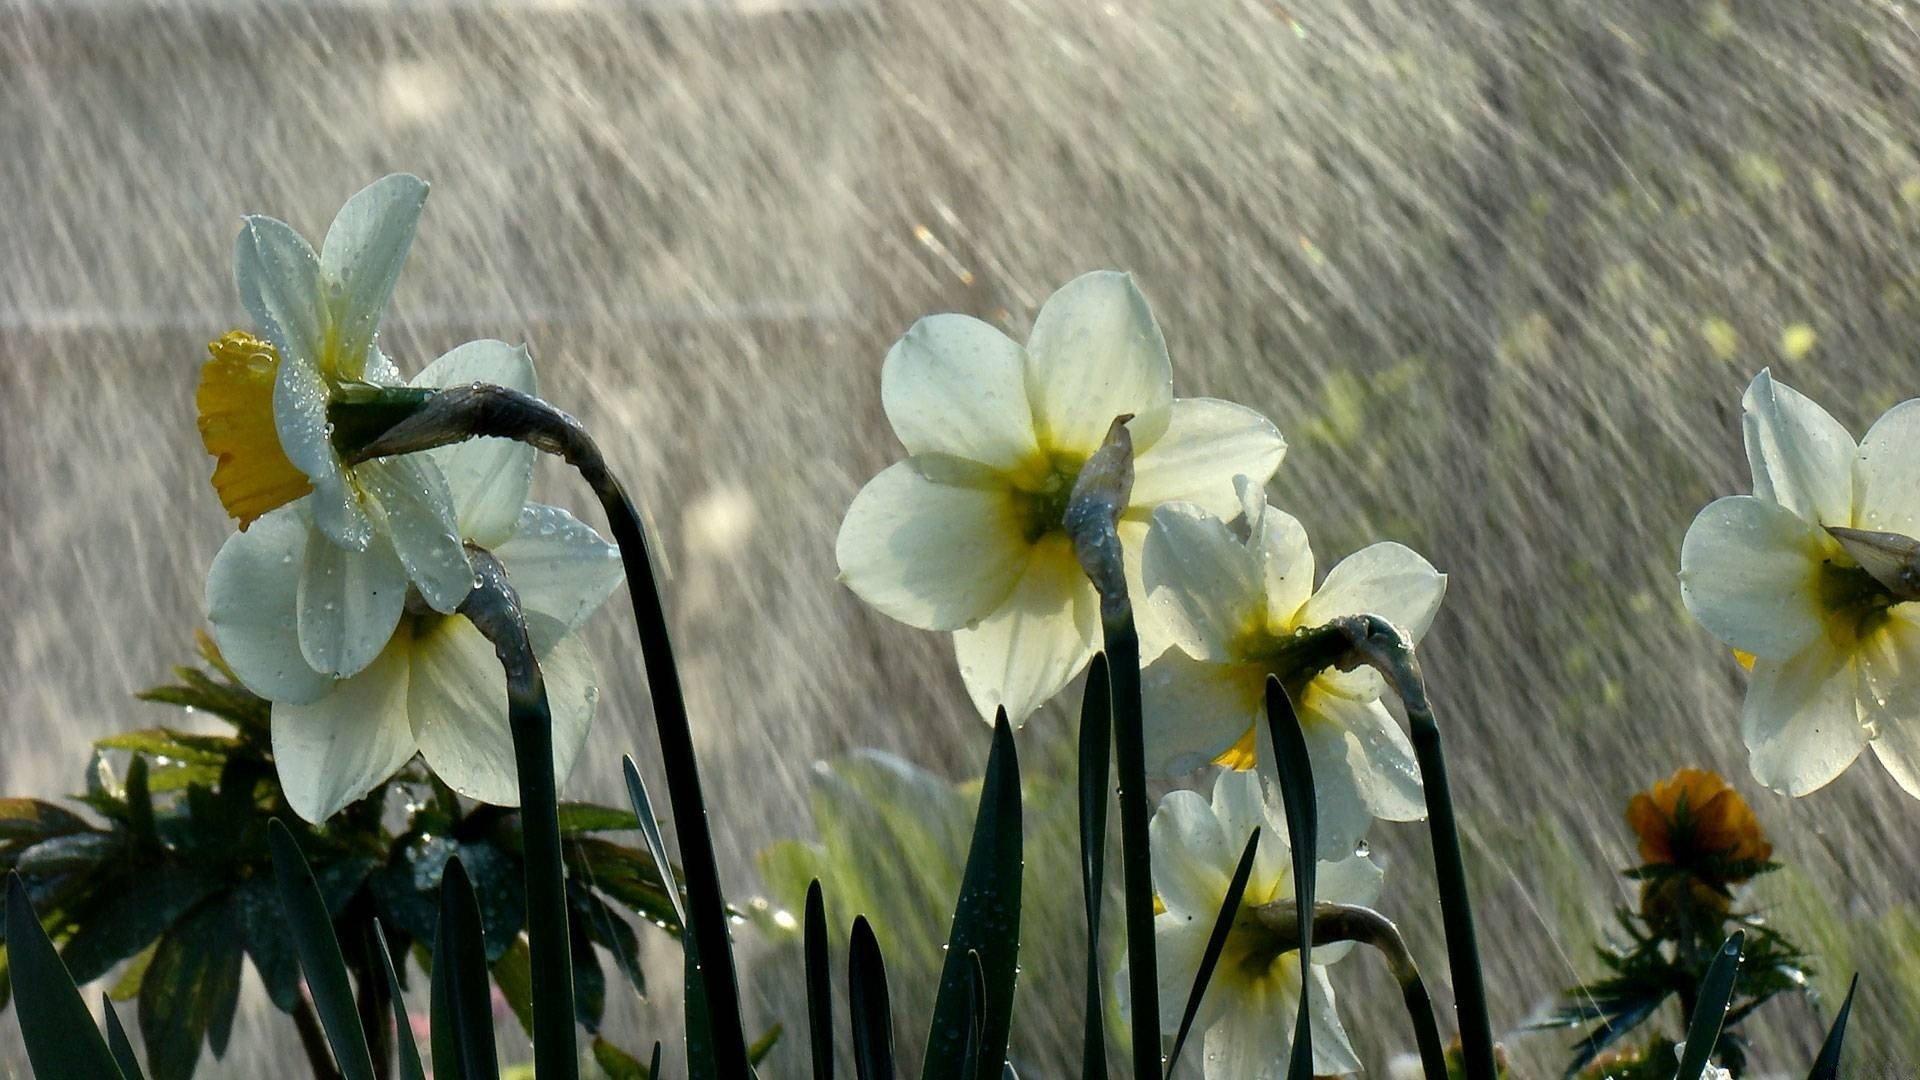 Beautiful Rain on Flower Wallpaper HD Wallpapers 1920x1080